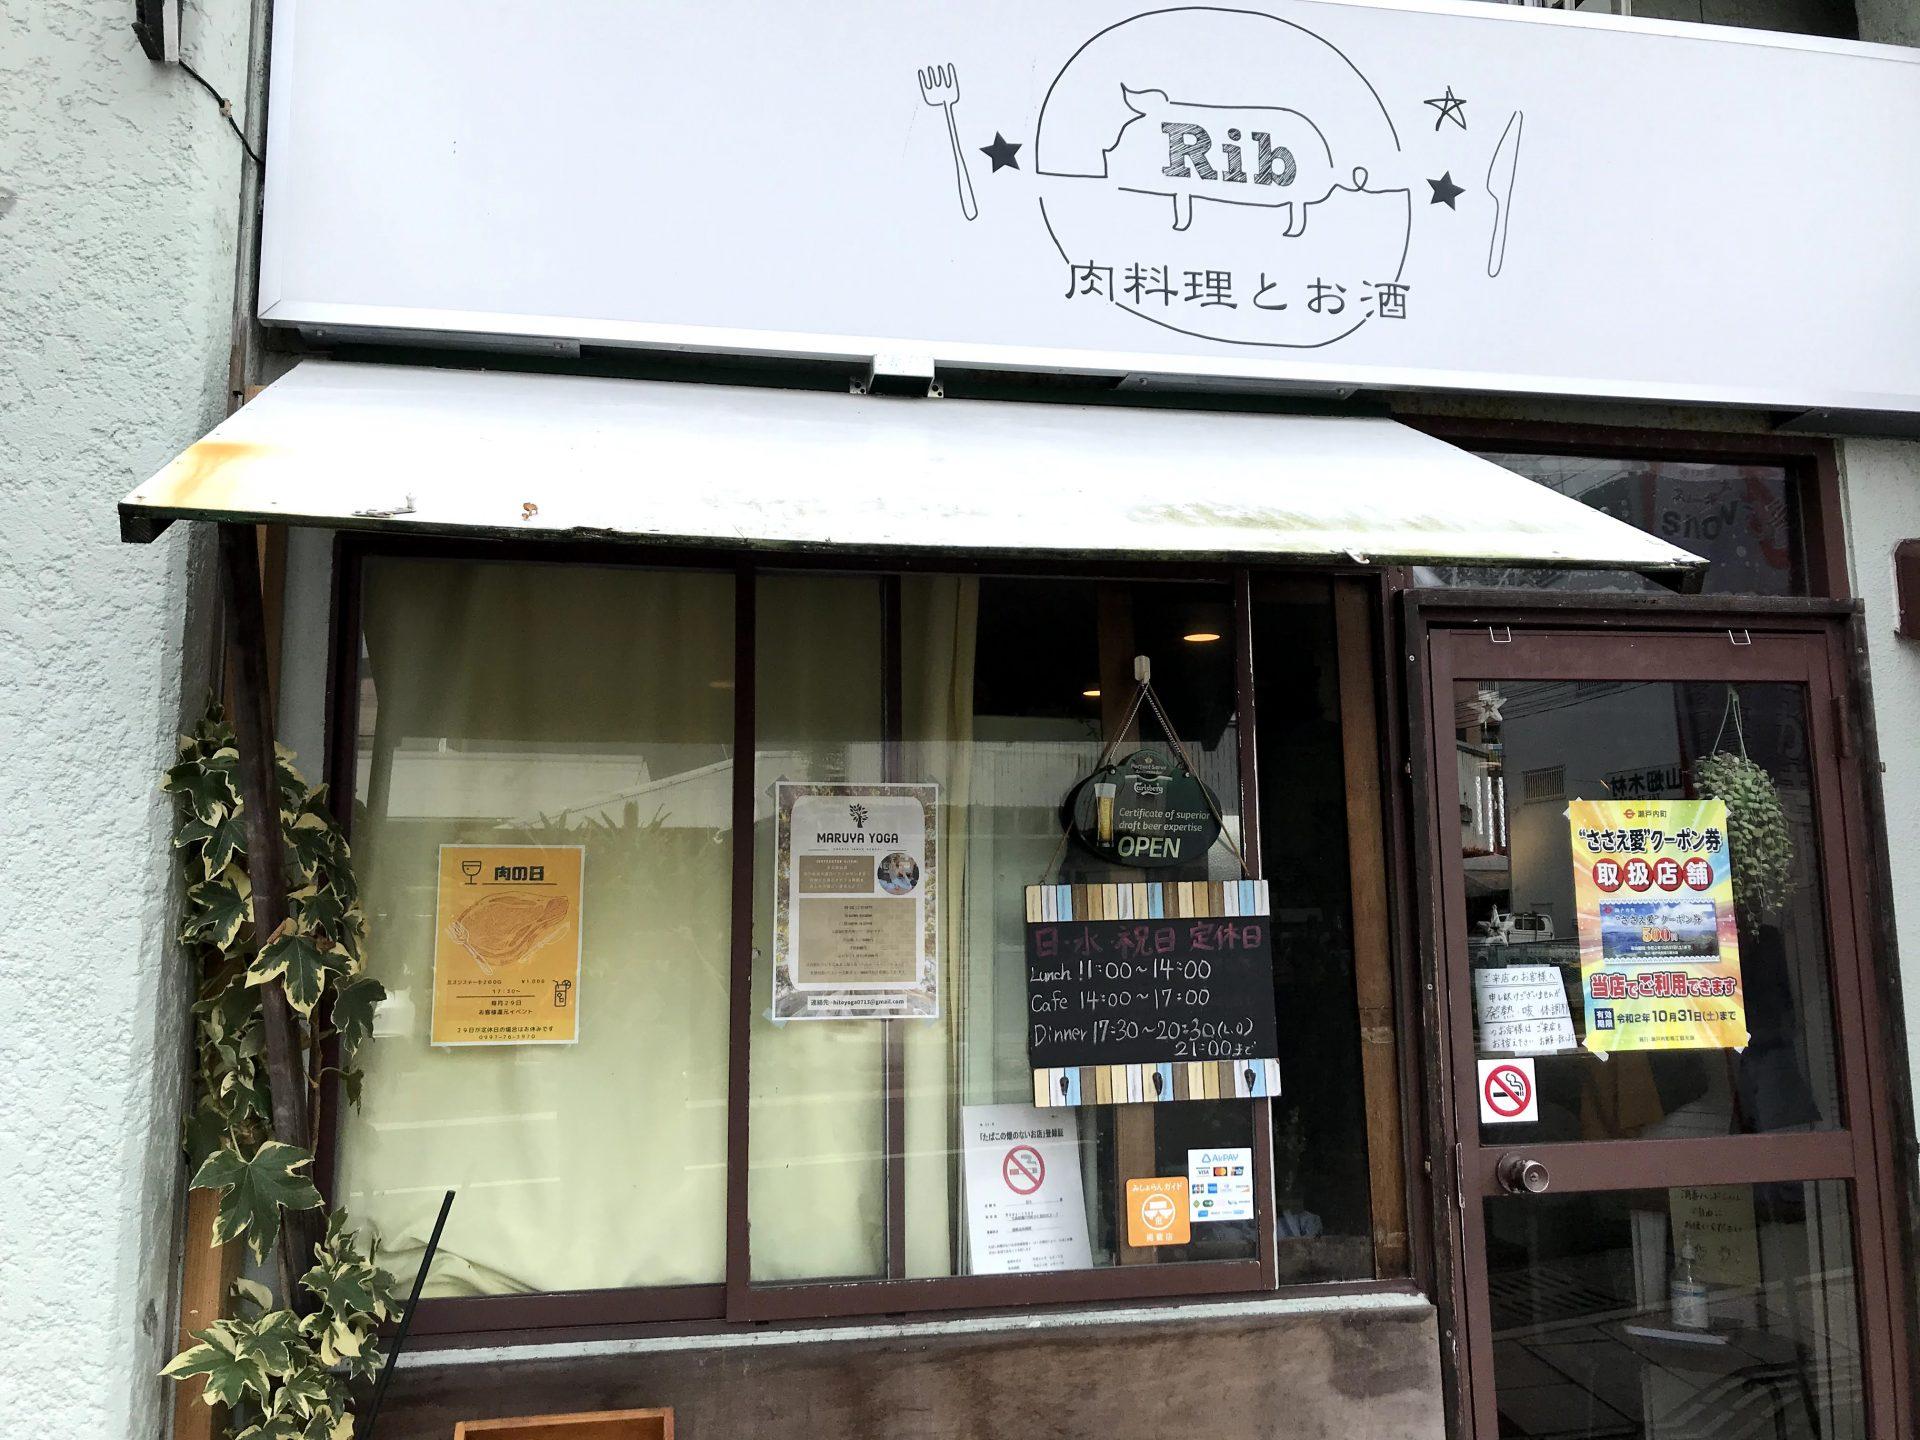 奄美大島 古仁屋 Rib リブ 肉料理 お酒 ランチ カフェ ディナー